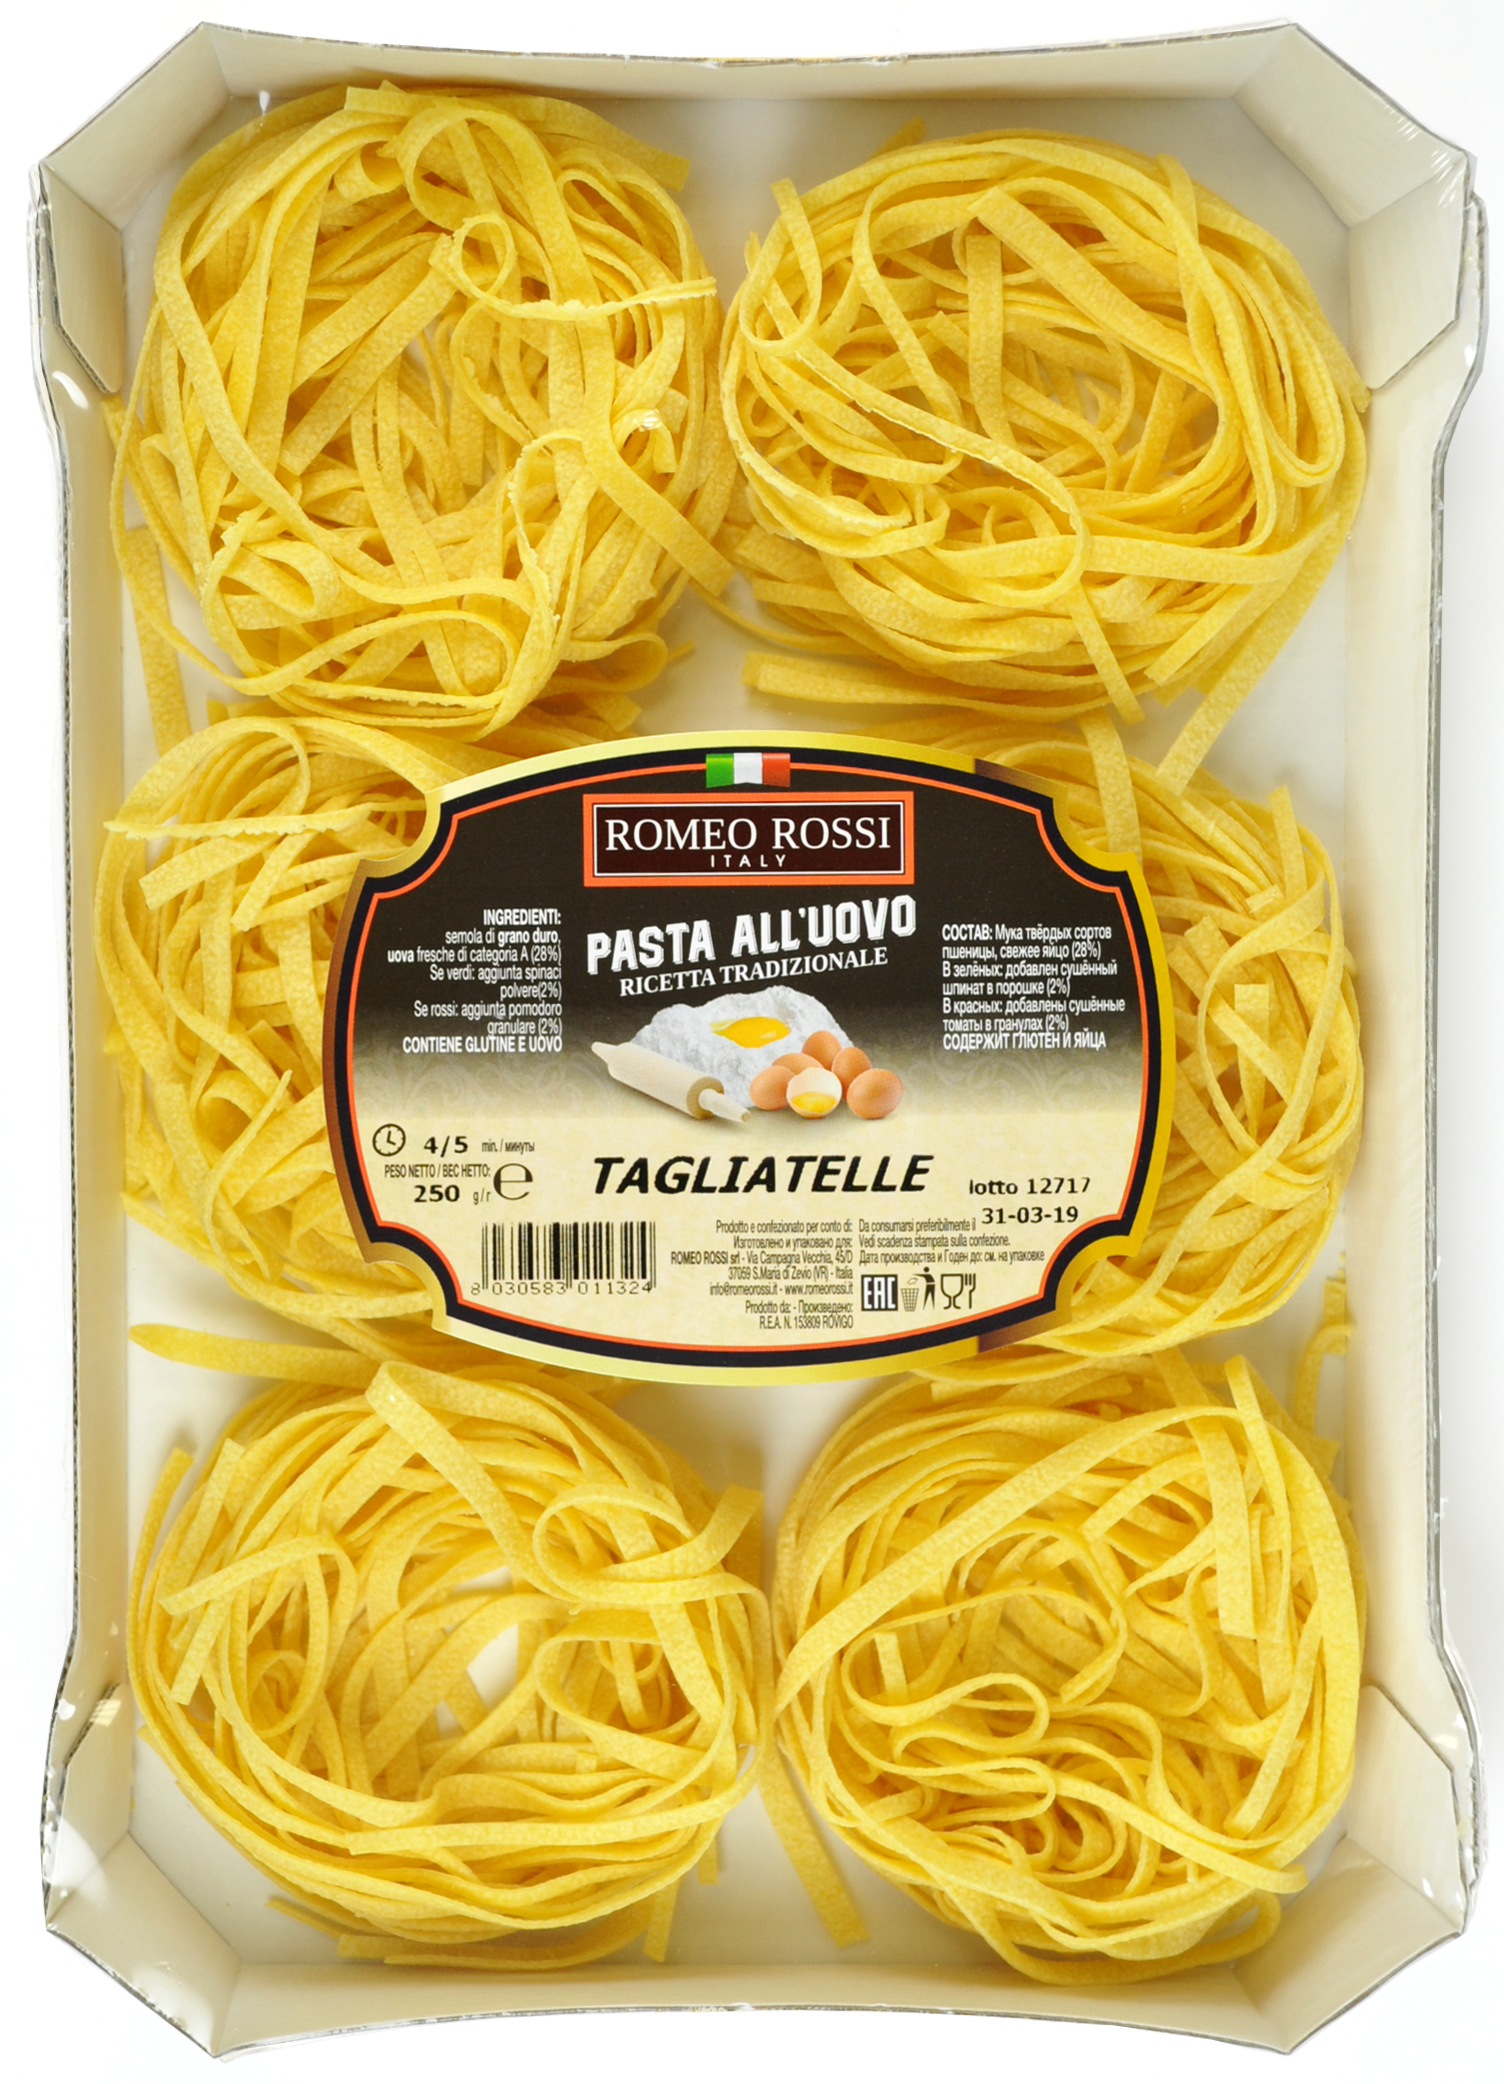 В Италии макаронные изделия разрешается изготавливать только из твердых сортов пшеницы (аналогично группе А в России). Твердые сорта пшеницы имеют большее содержание клейковины и меньшее содержание крахмала, чем мягкие. Изготовленные из них макаронные изделия имеют более низкий гликемический индекс. Согласно итальянским законам, содержание яиц в яичной пасте должно быть не менее 5,5 %. Они обеспечивают пасте богатый цвет и вкус.